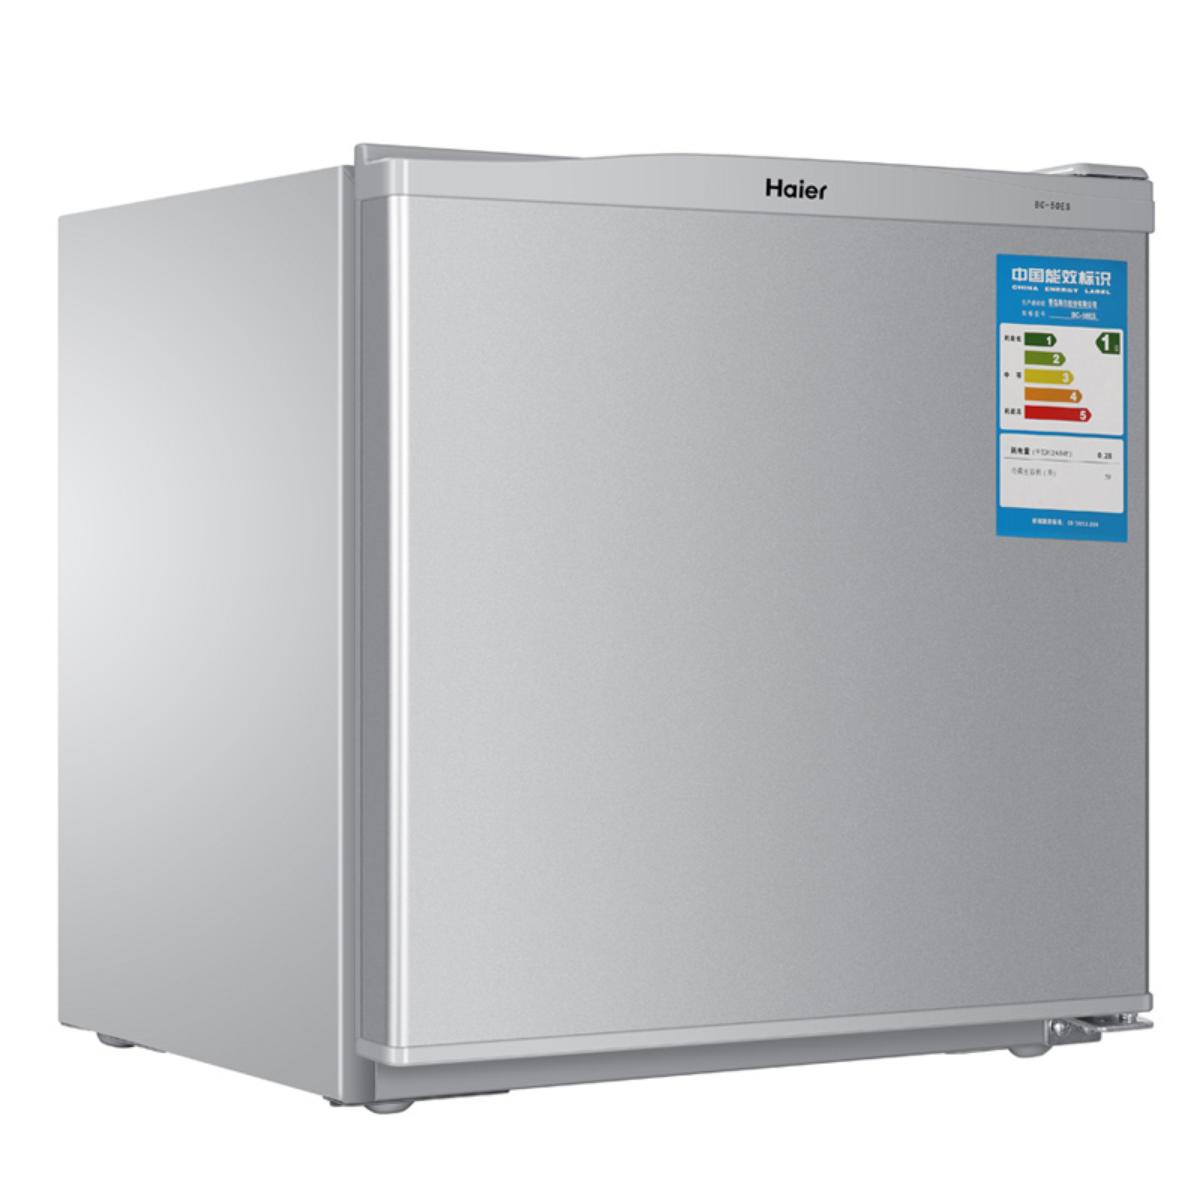 旋转式冰箱压缩机怎样 旋转式冰箱压缩机品牌